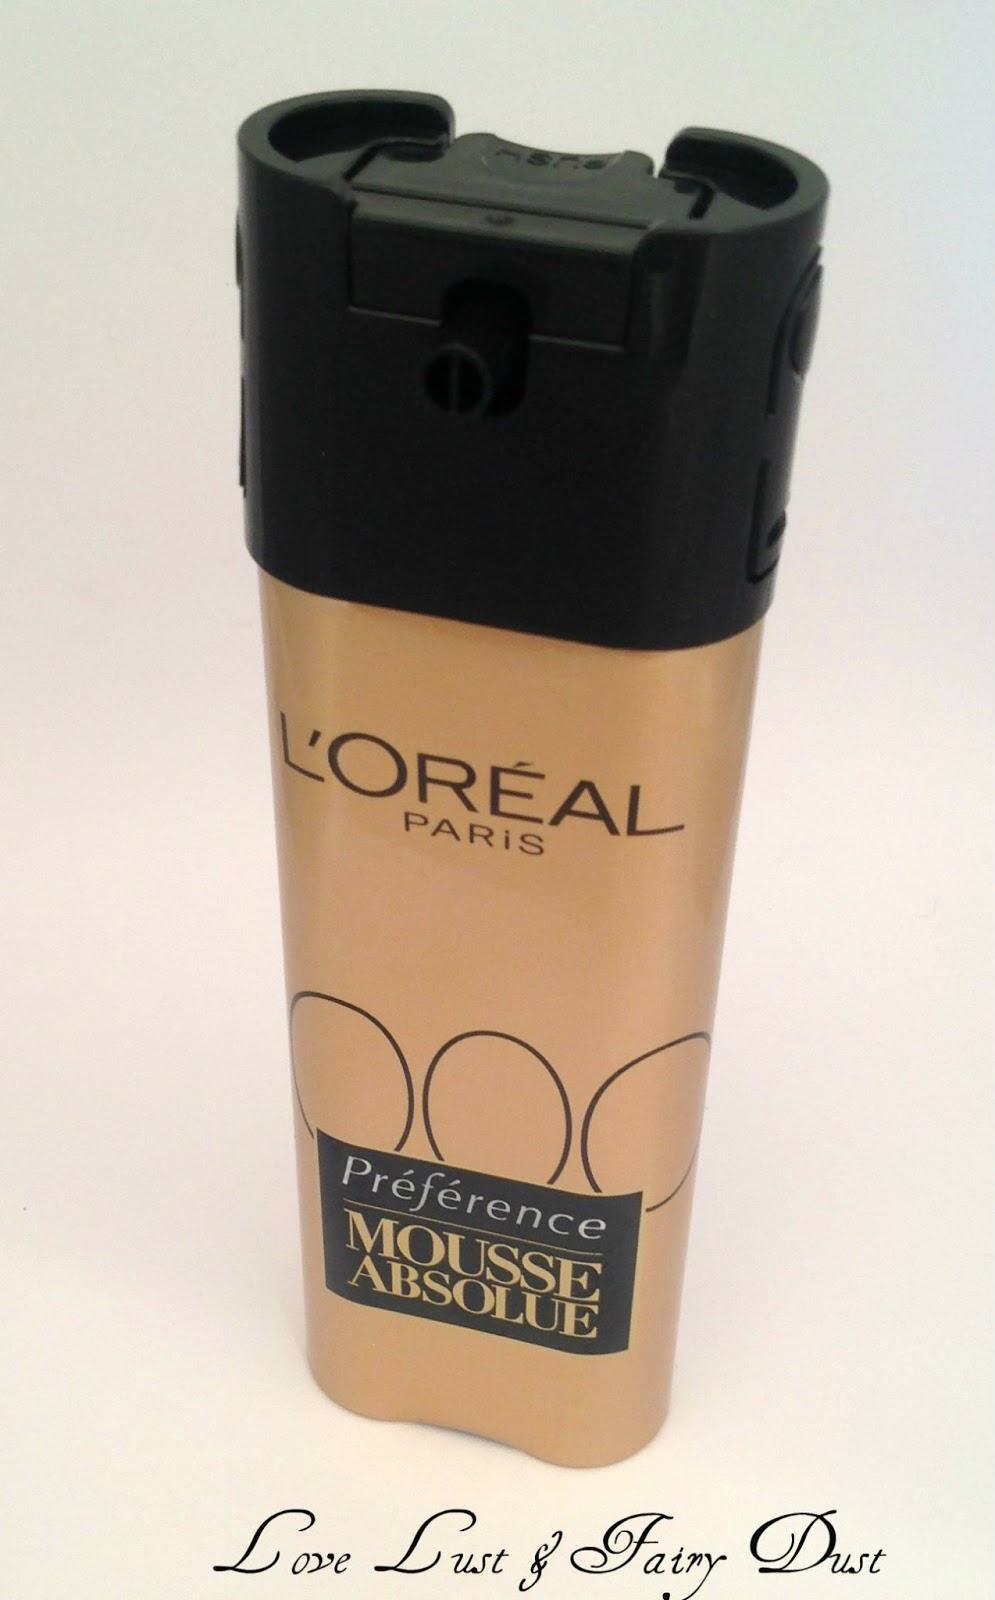 L'Oréal Paris Préférence Mousse Absolue packaging